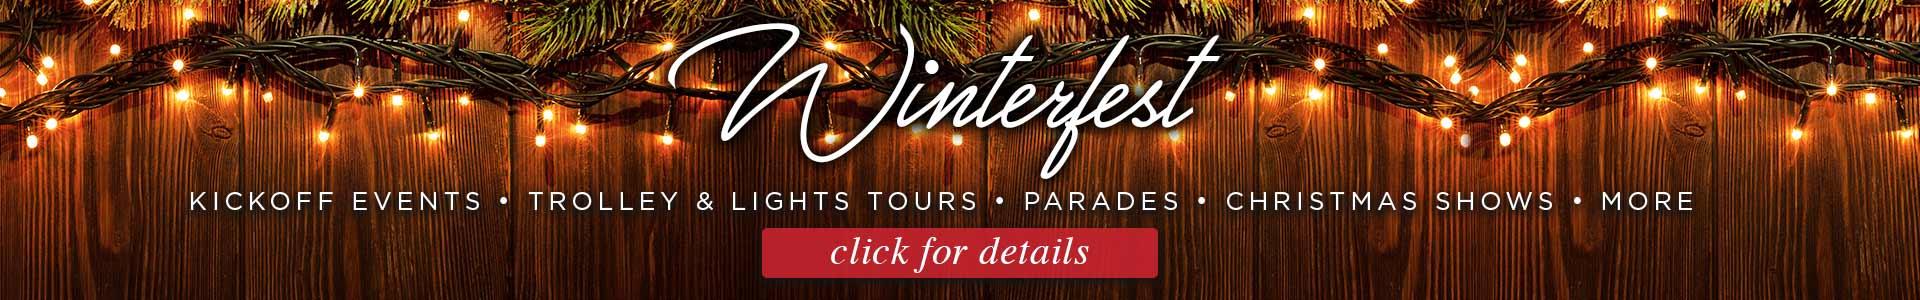 Smoky Mountain Winterfest Celebration: Click to visit page.